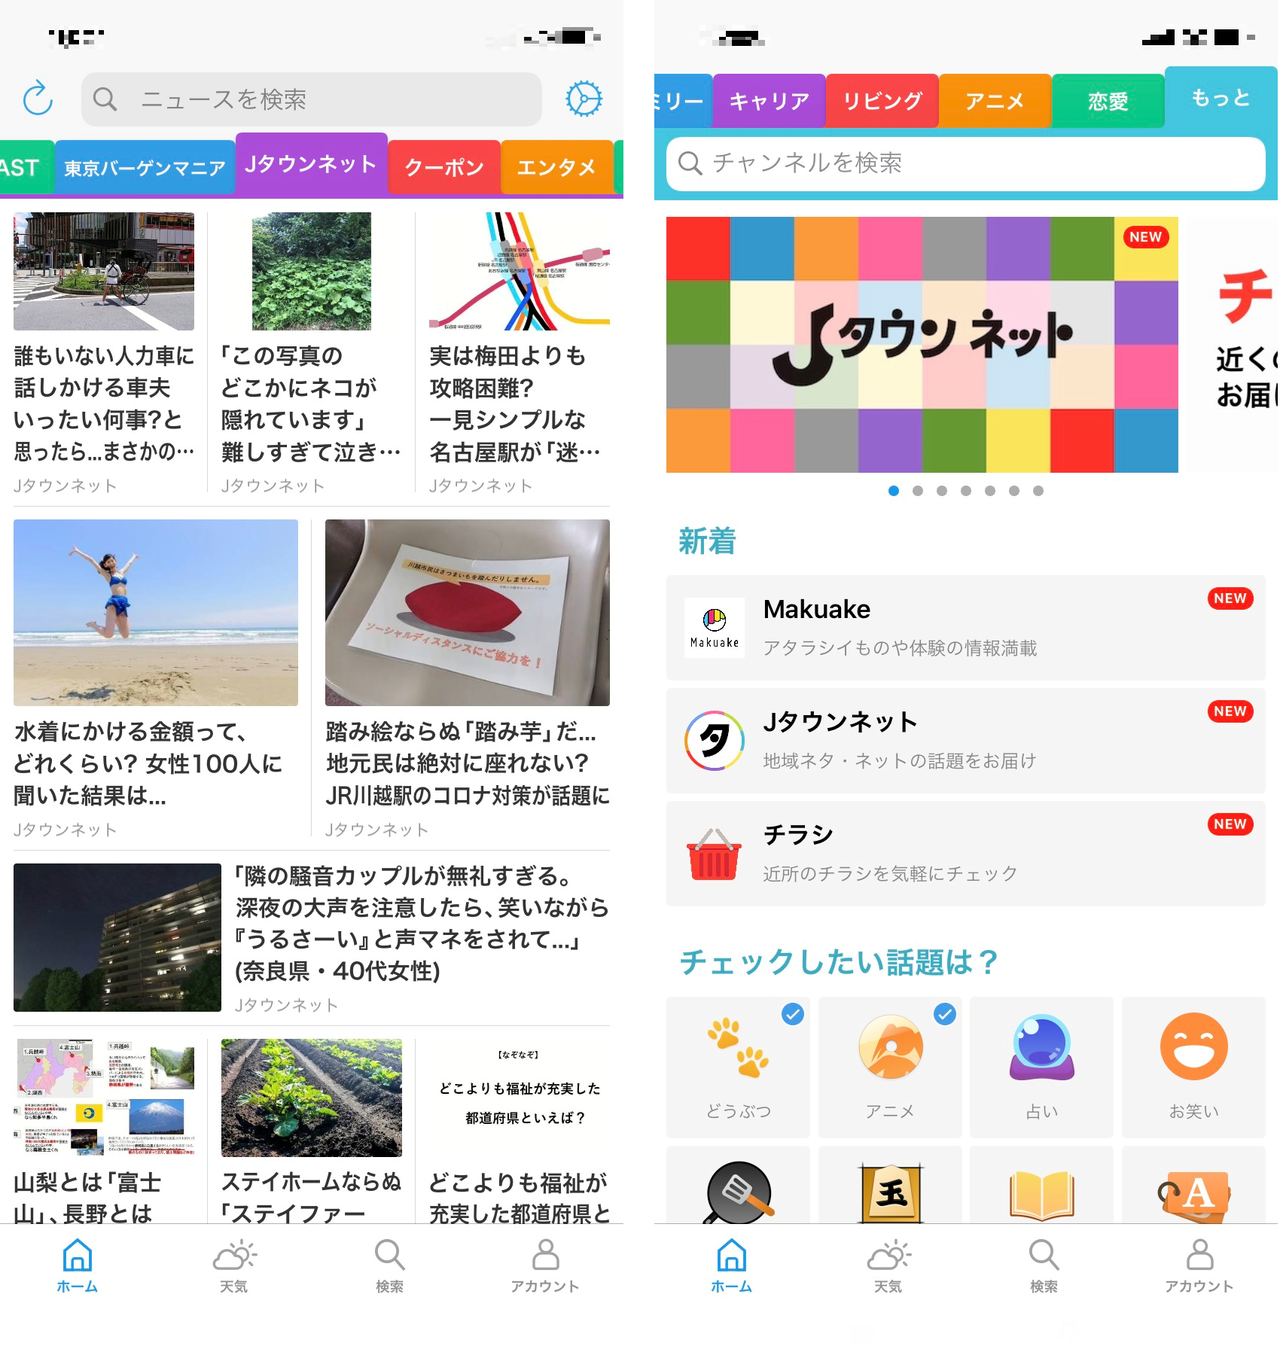 smartnews_town.png